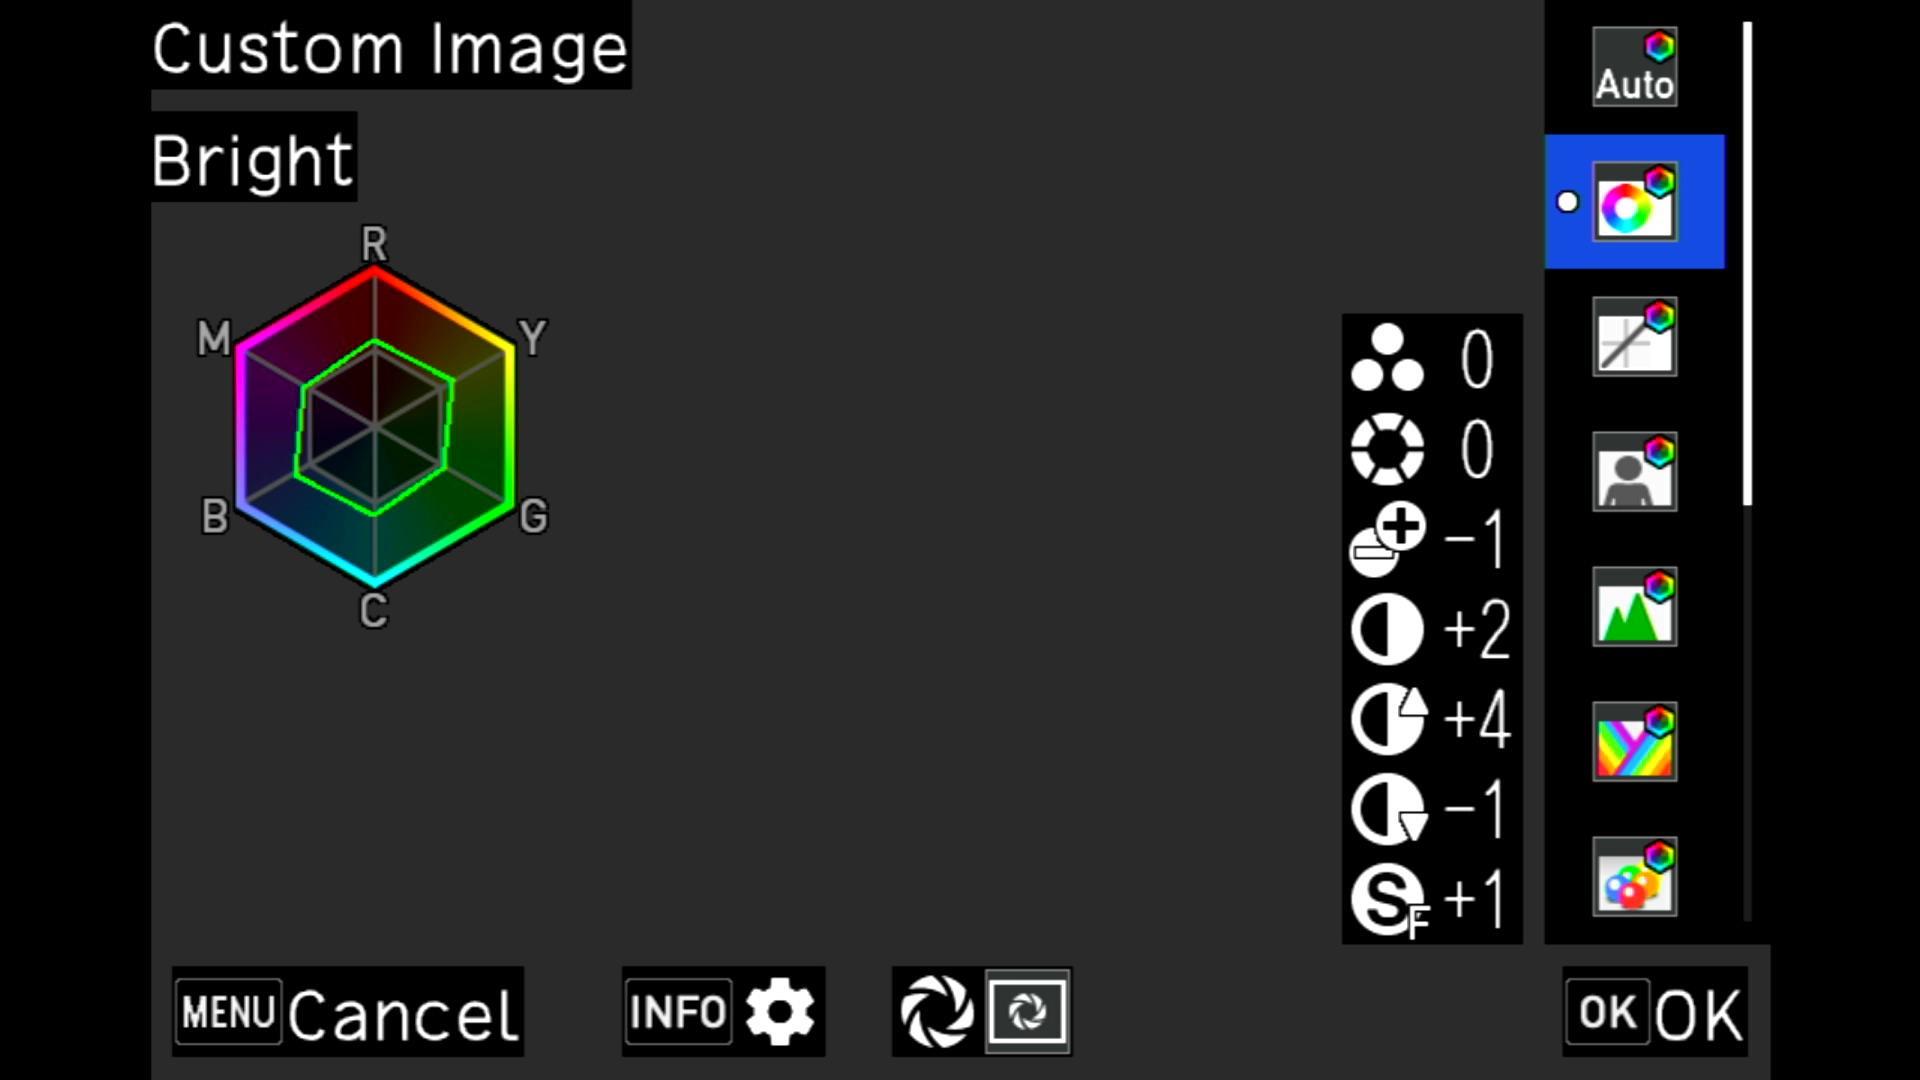 CI_Bright image